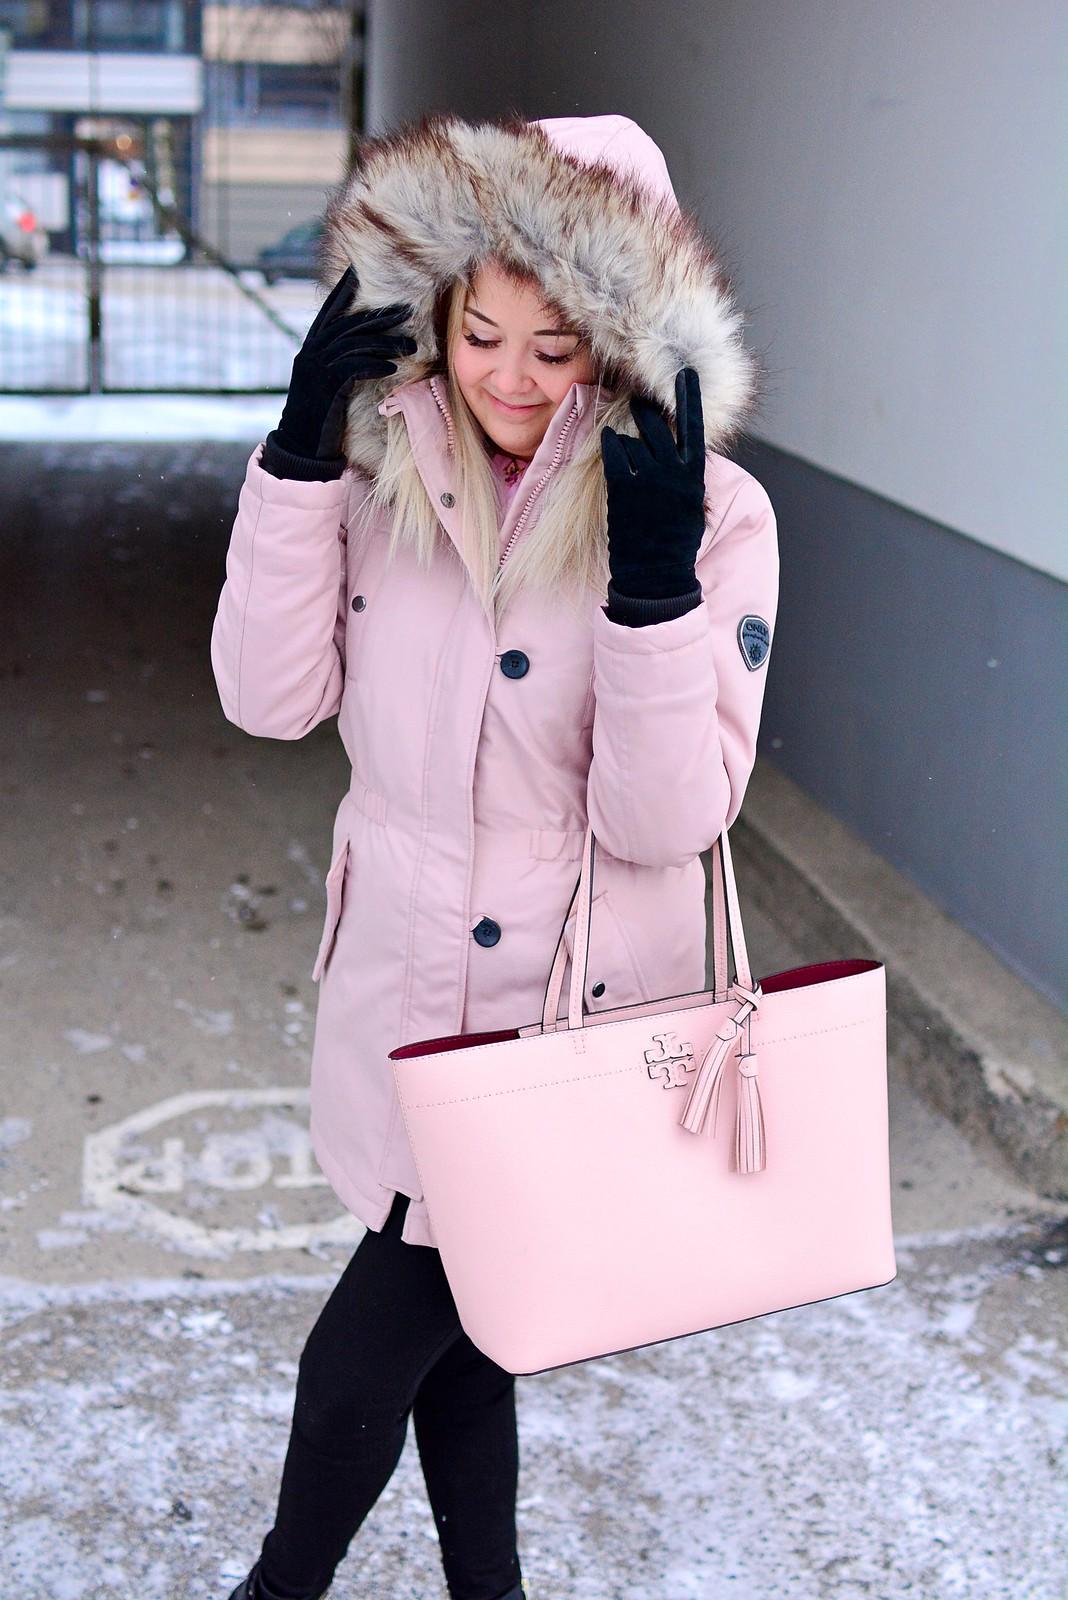 asu_vaaleanpunainen_6